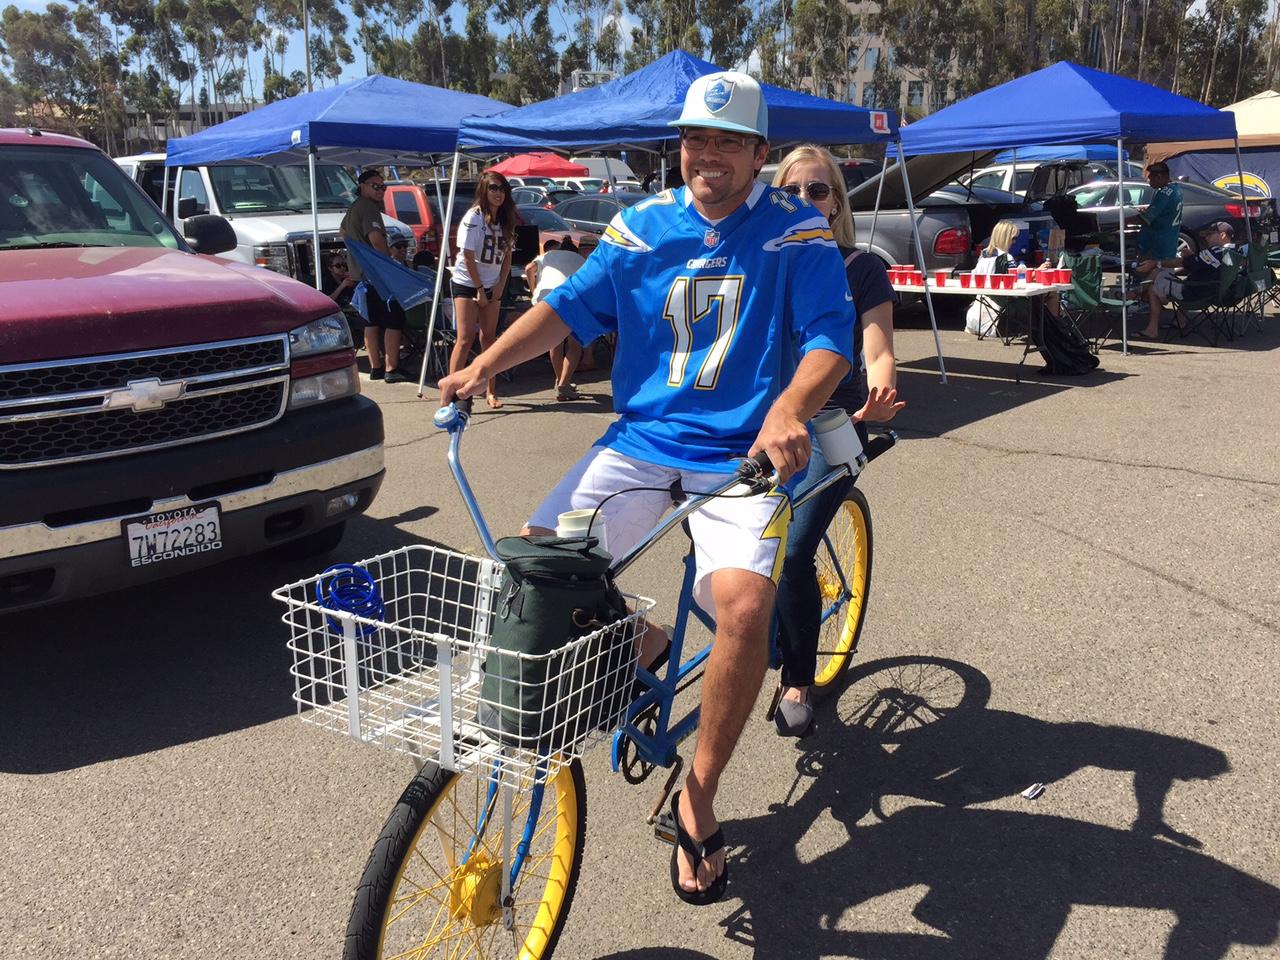 Qualcomm Stadium, San Diego, CA – Chargers tandem bicikli a legjobb páros közlekedési eszköz a tömött parkolóban (Fotó: PrehryFarkas)